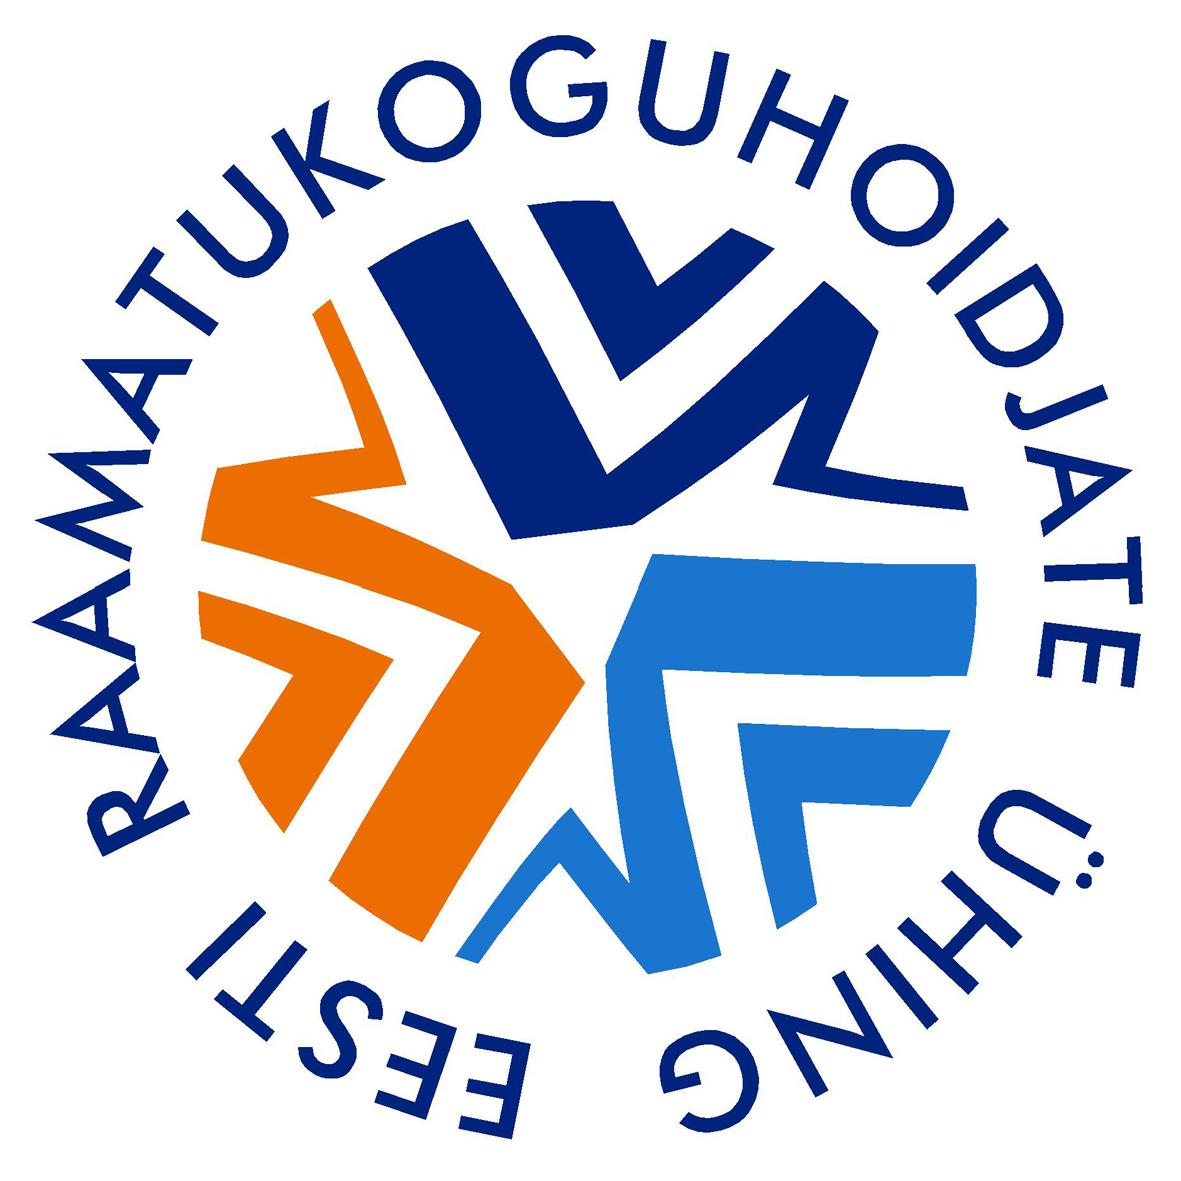 Eesti Raamatukoguhoidjate Ühing